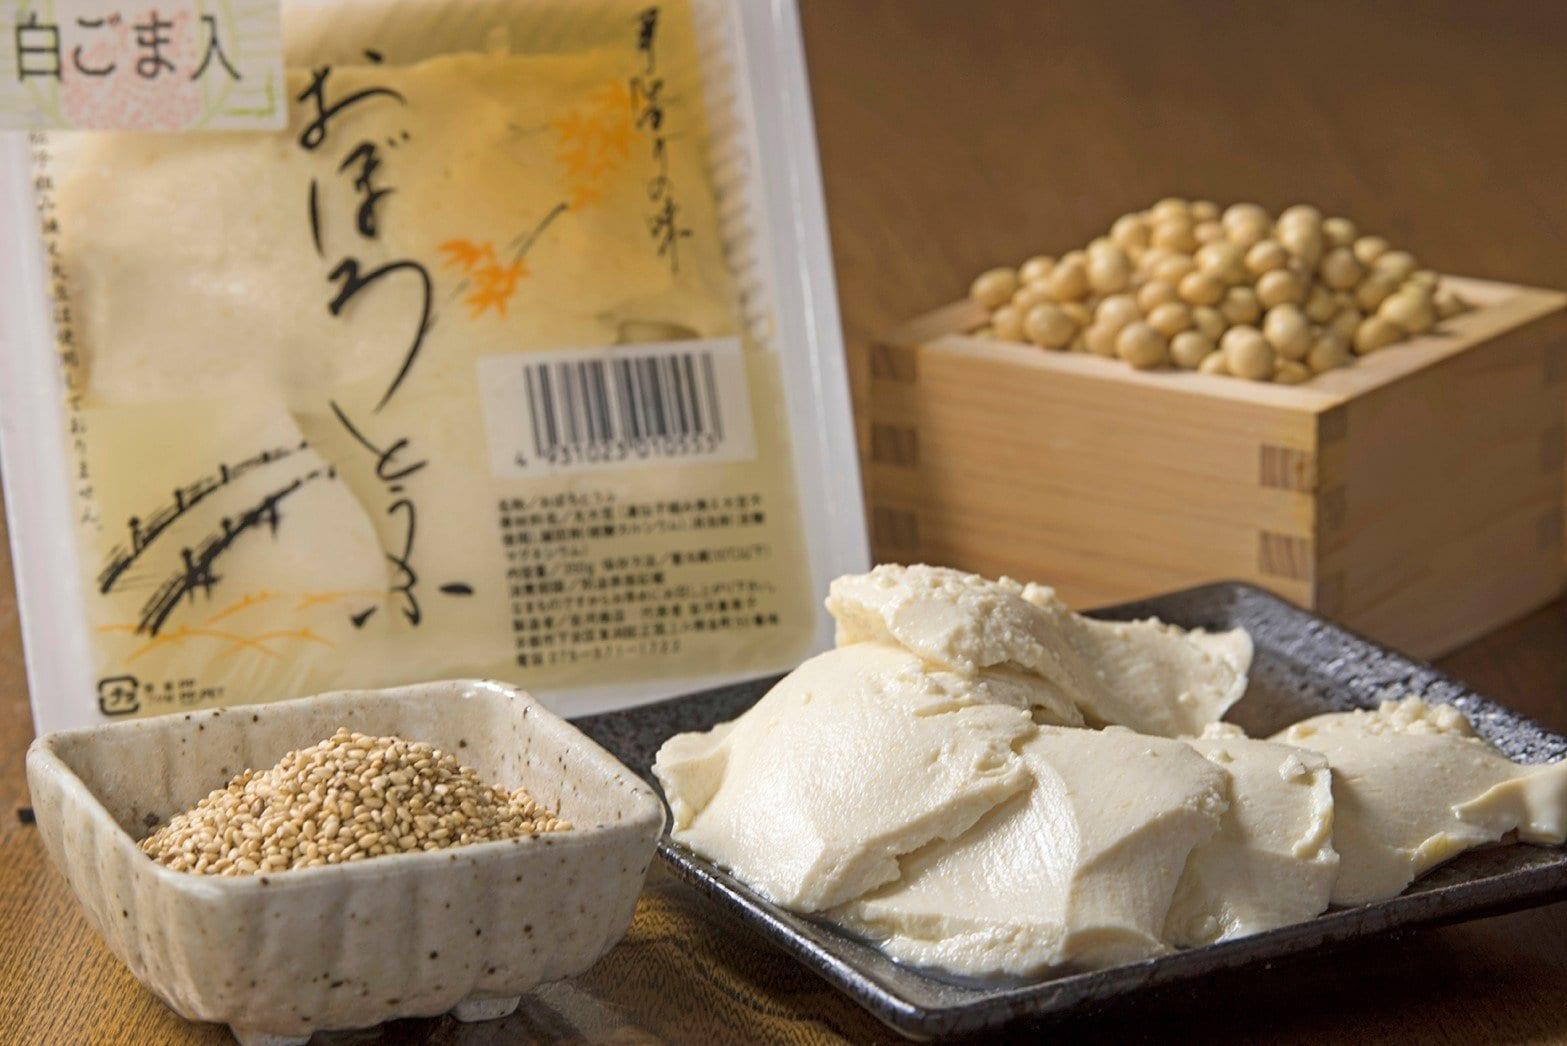 京都伝統の京とうふ|白ごま入りおぼろ豆腐